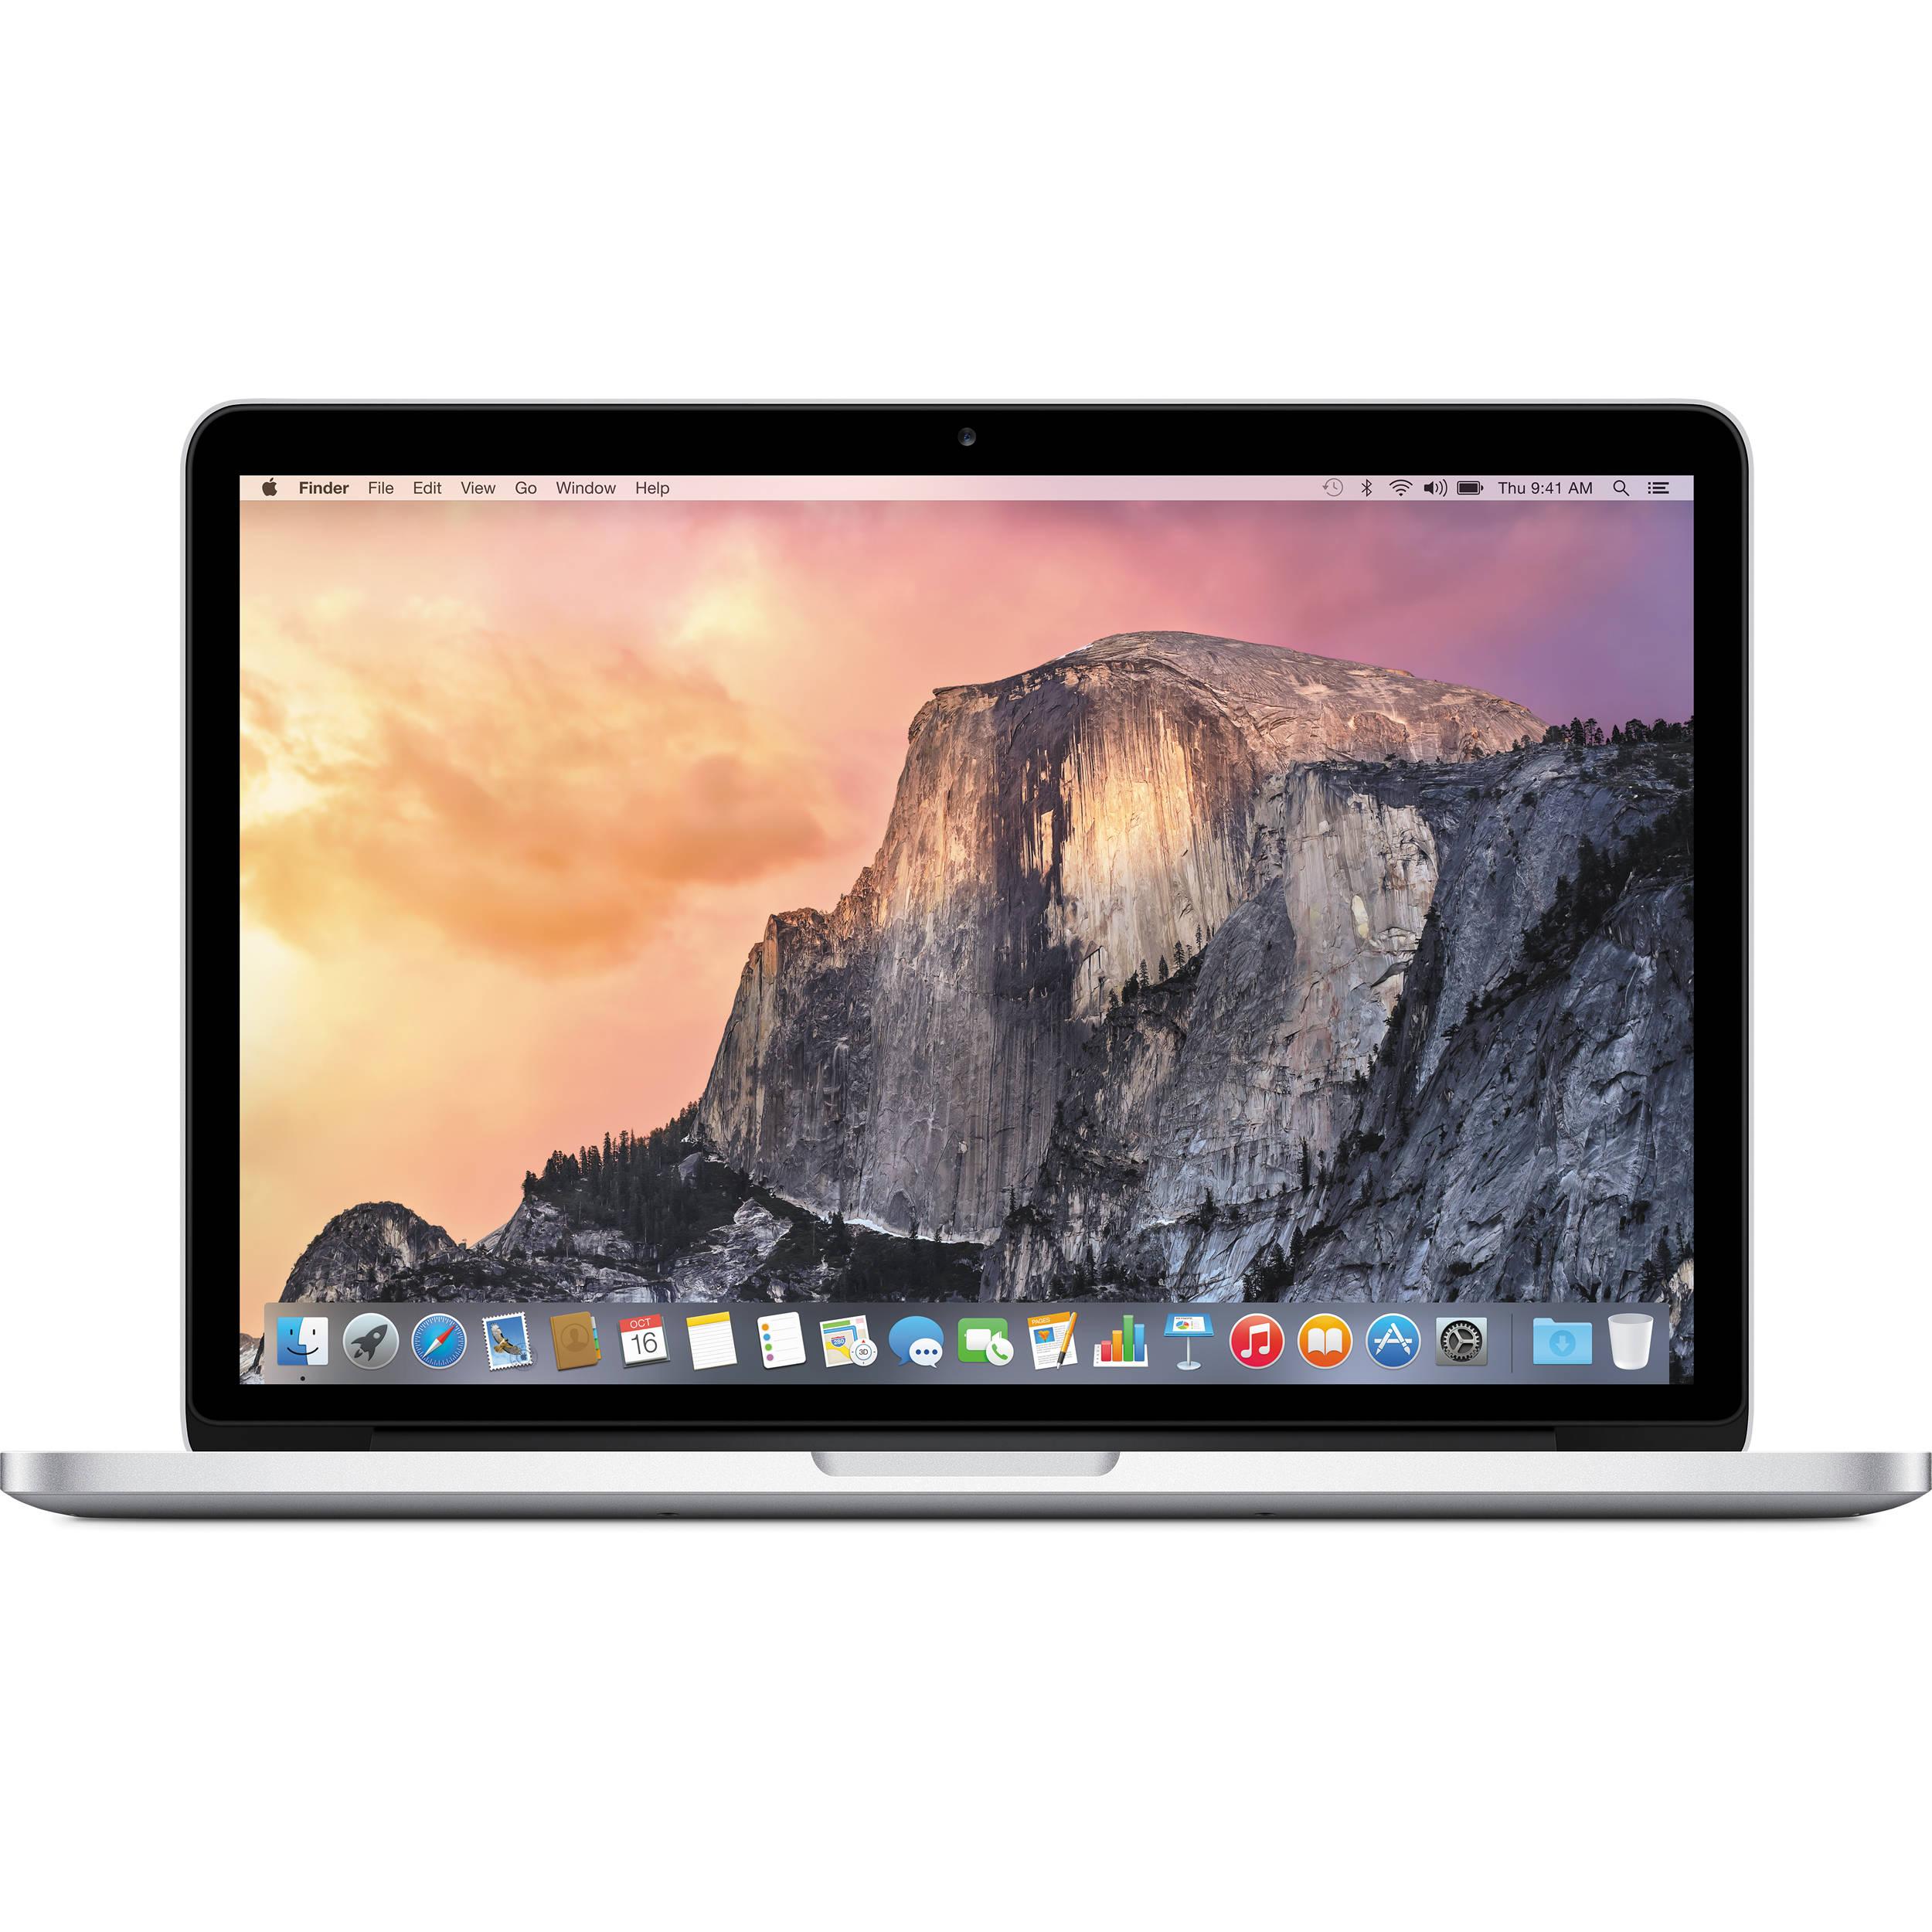 MacBook Pro Retina 15 inch MJLT2 2015